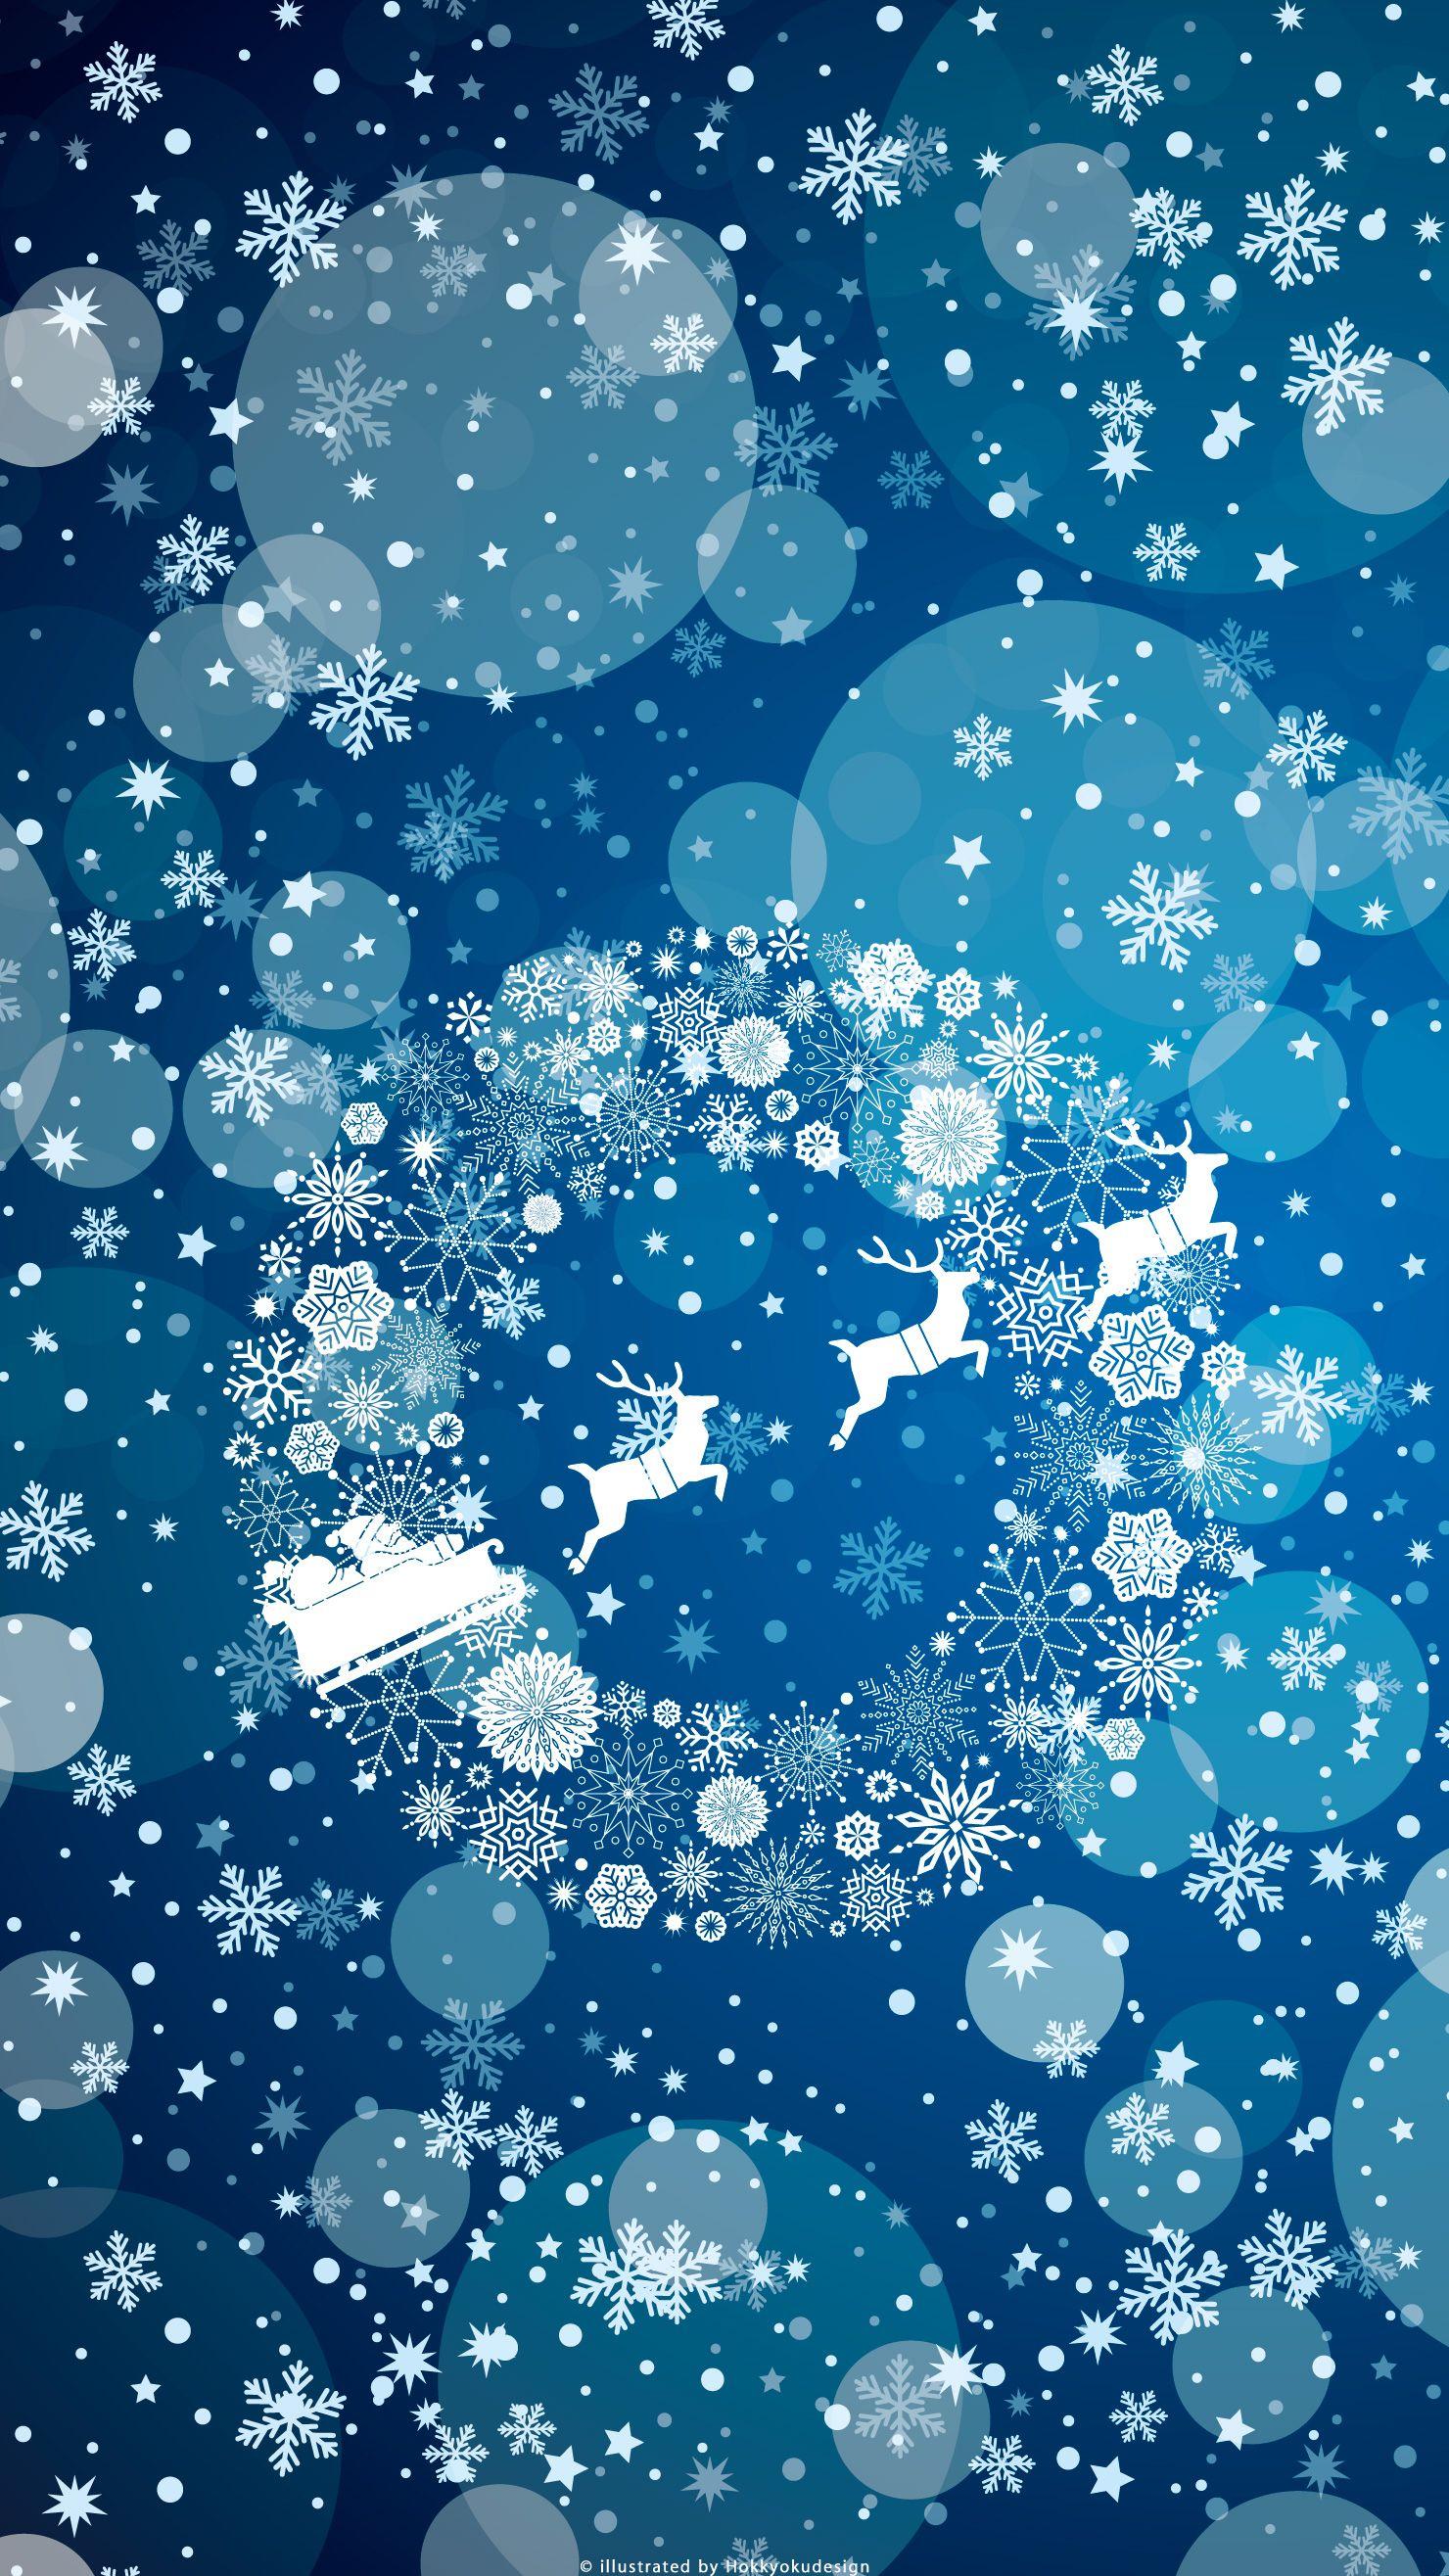 Fond Pour Mobile De Noel Traineau Du Pere Noel Avec Flocons Sur Fond Bleu Fond D Ecran De Noel Pour Iphone E Fond Ecran Noel Image Noel Deco Noel